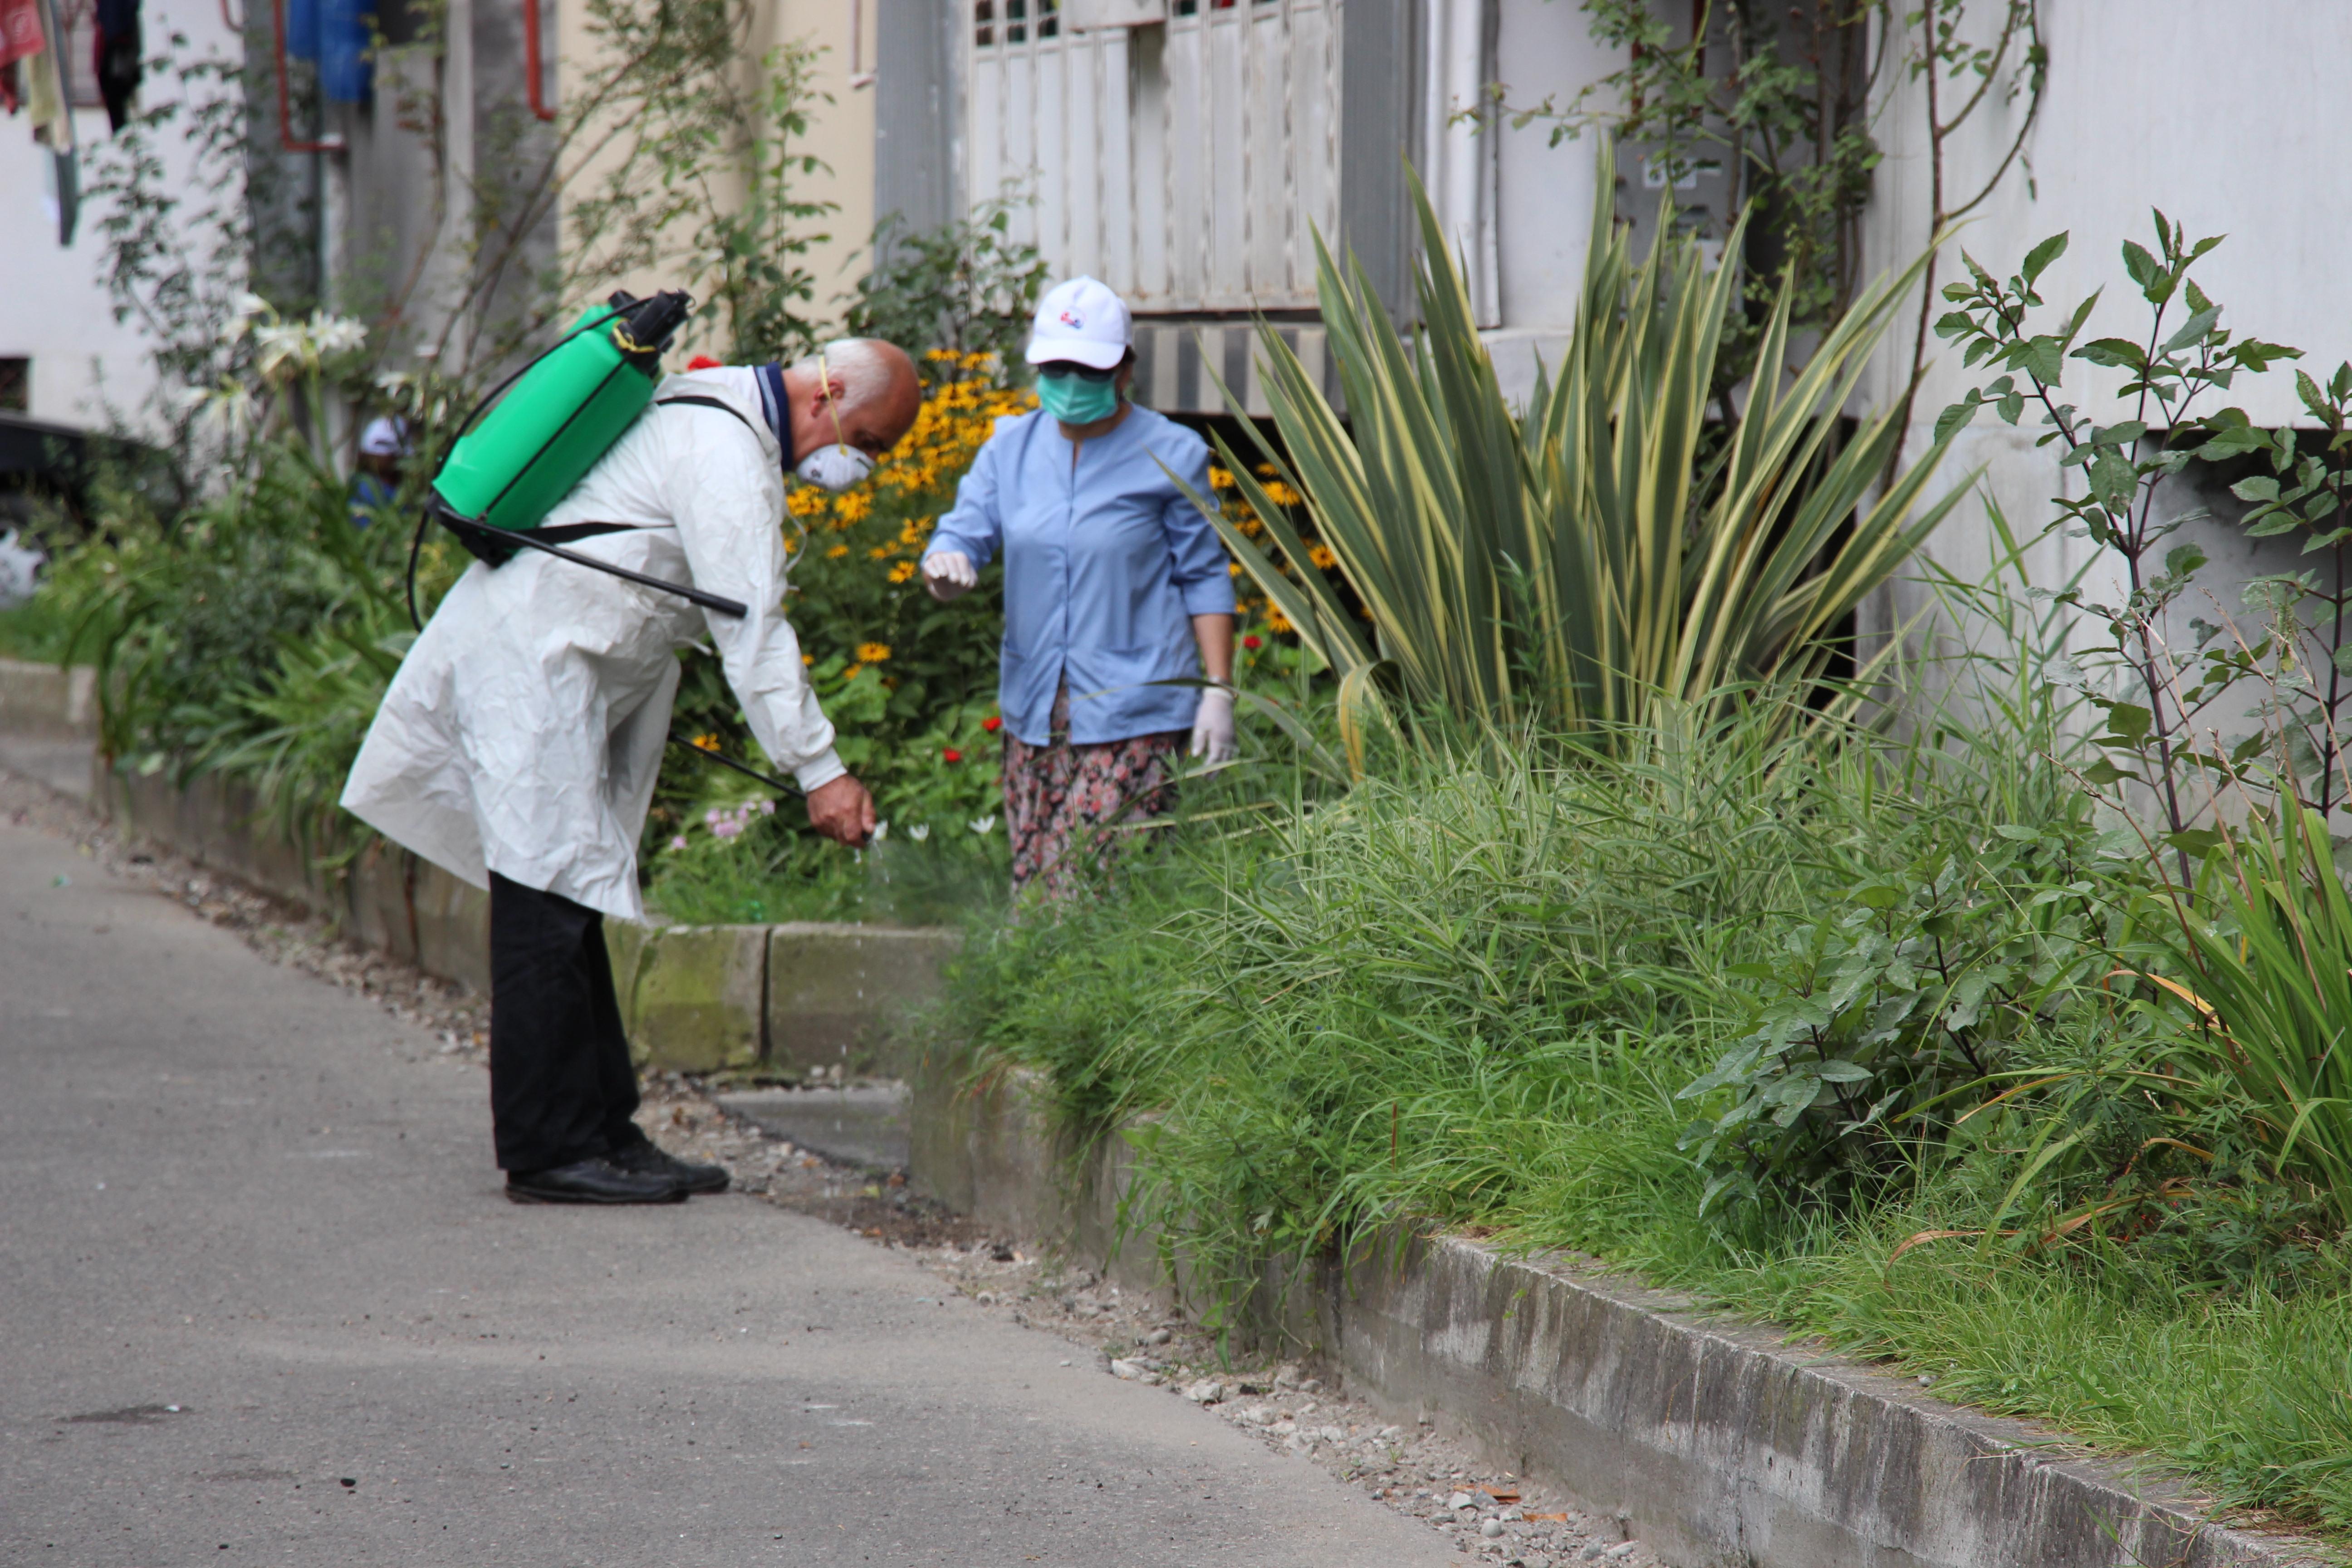 აჭარაში კოღოებისა და დაავადებების გადამტანი სხვა მწერების განადგურება მიმდინარეობს